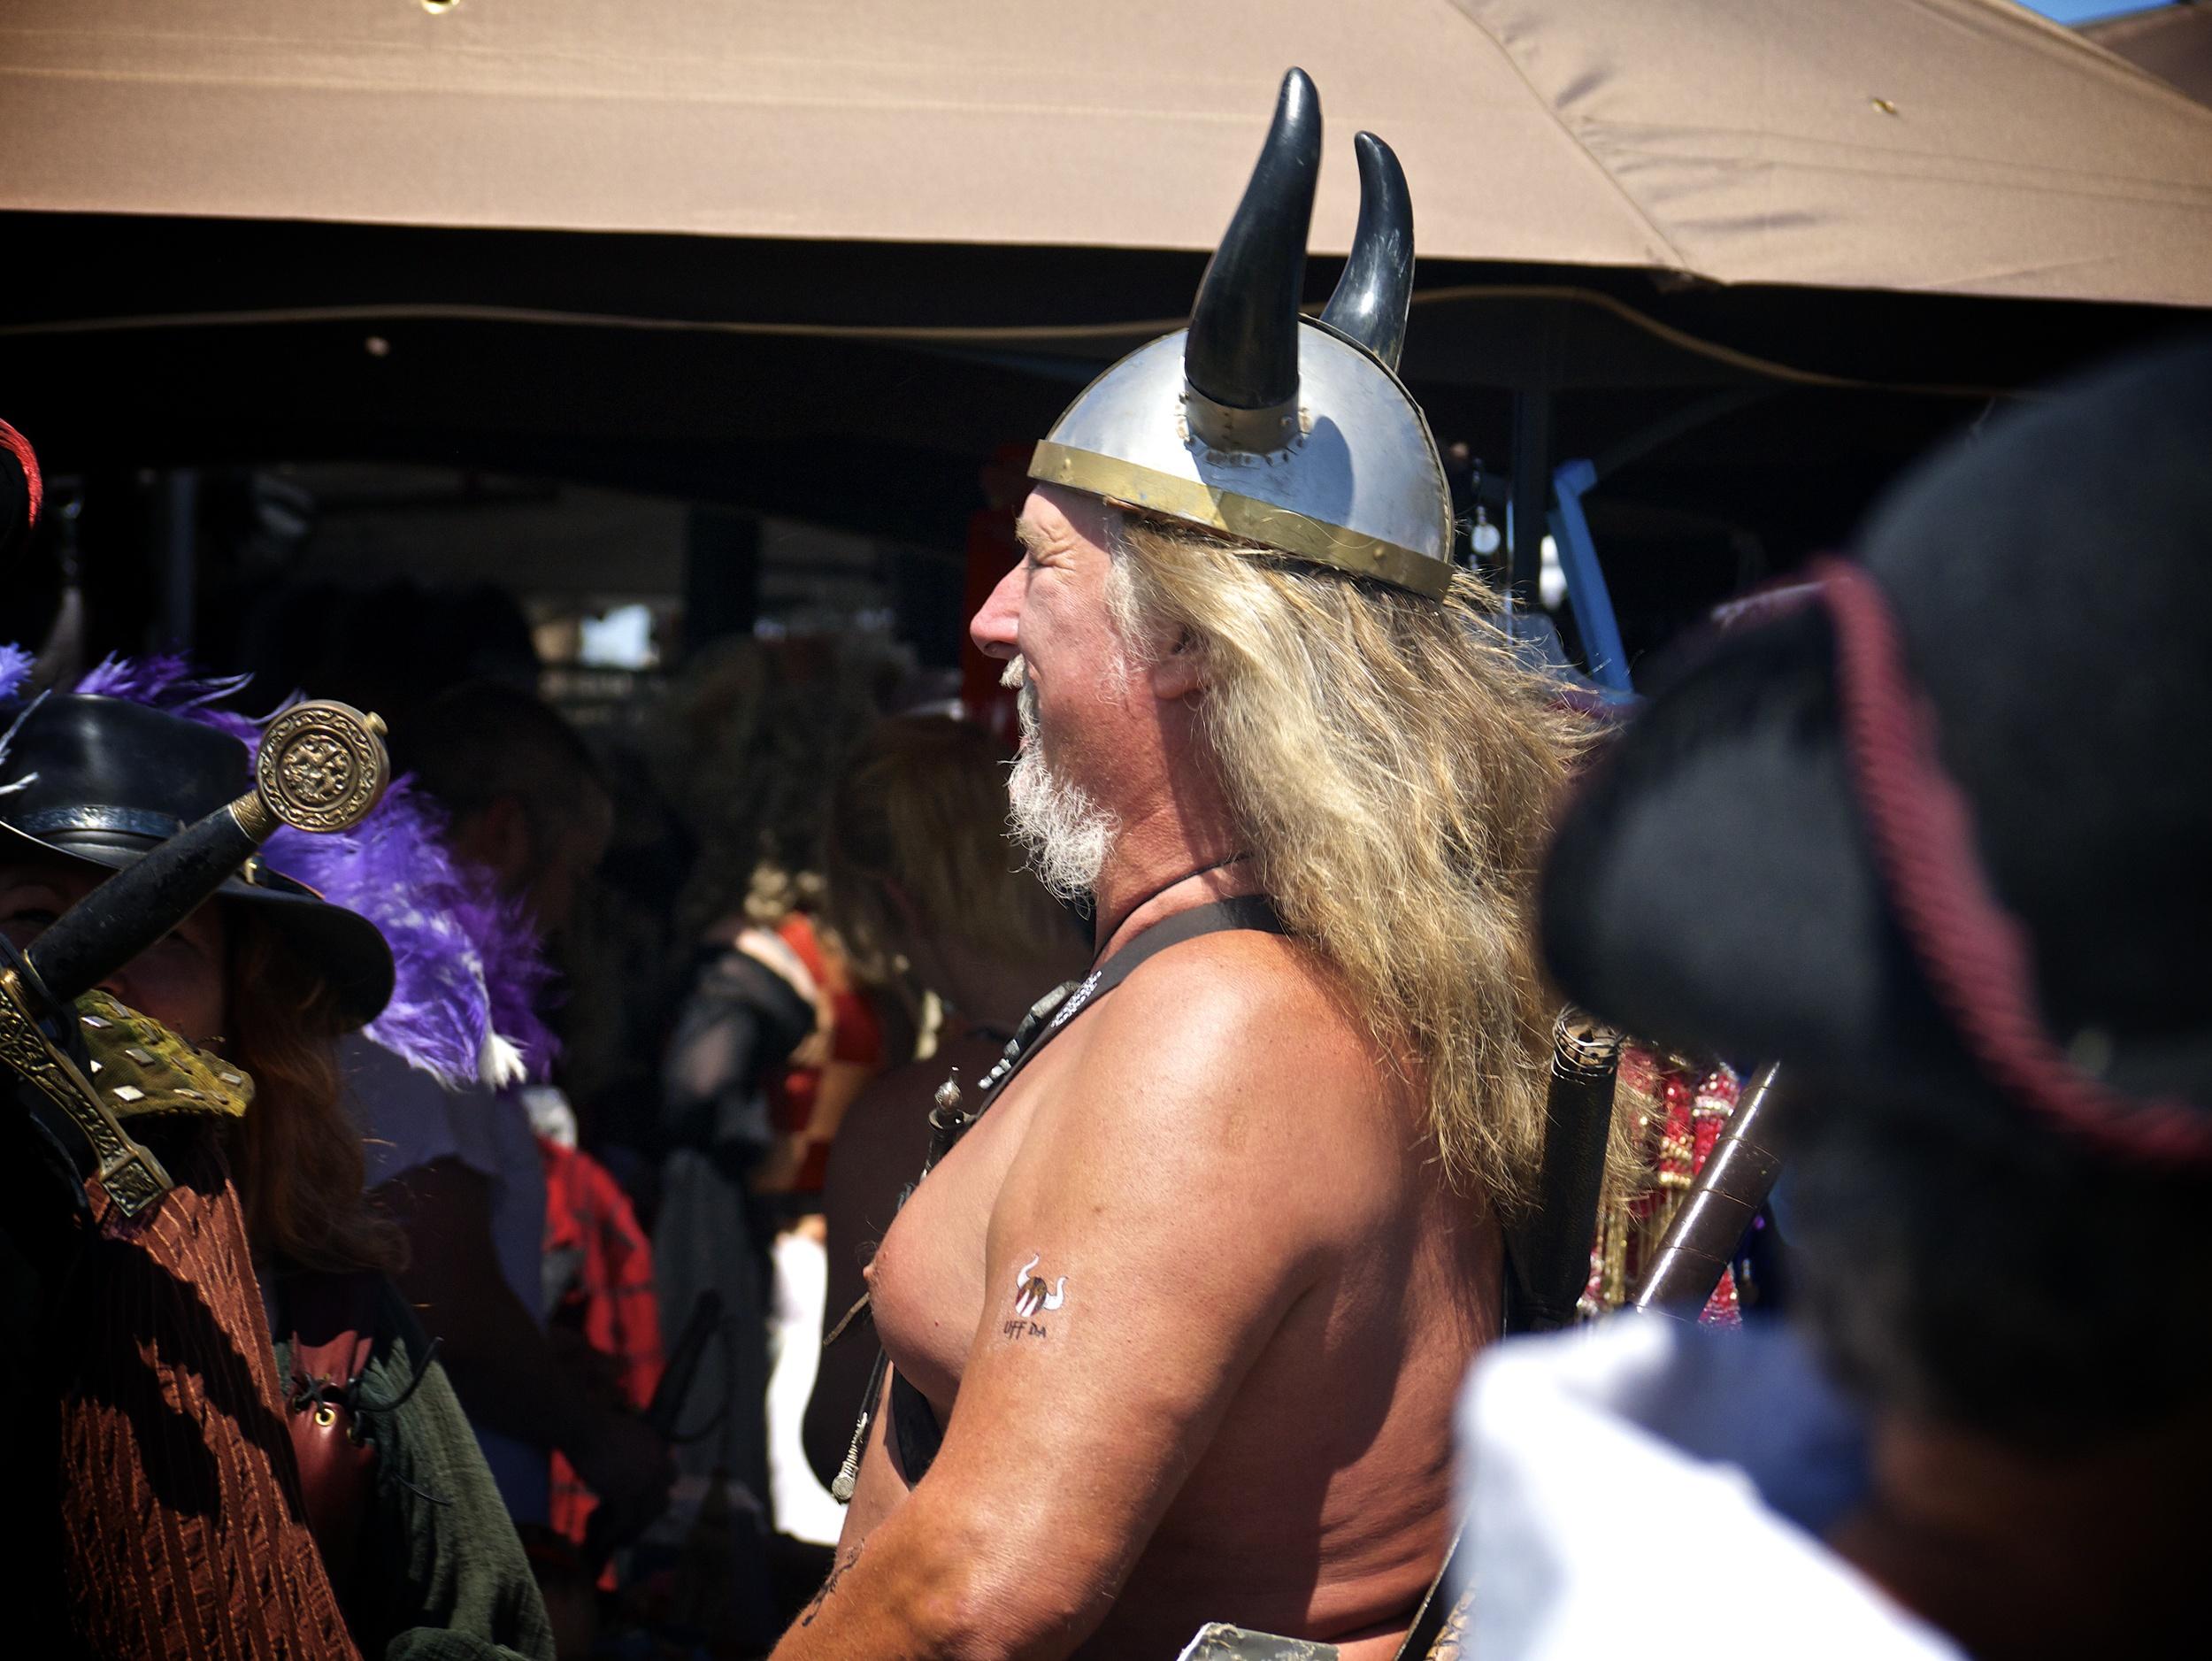 Vikings are OG Pirates